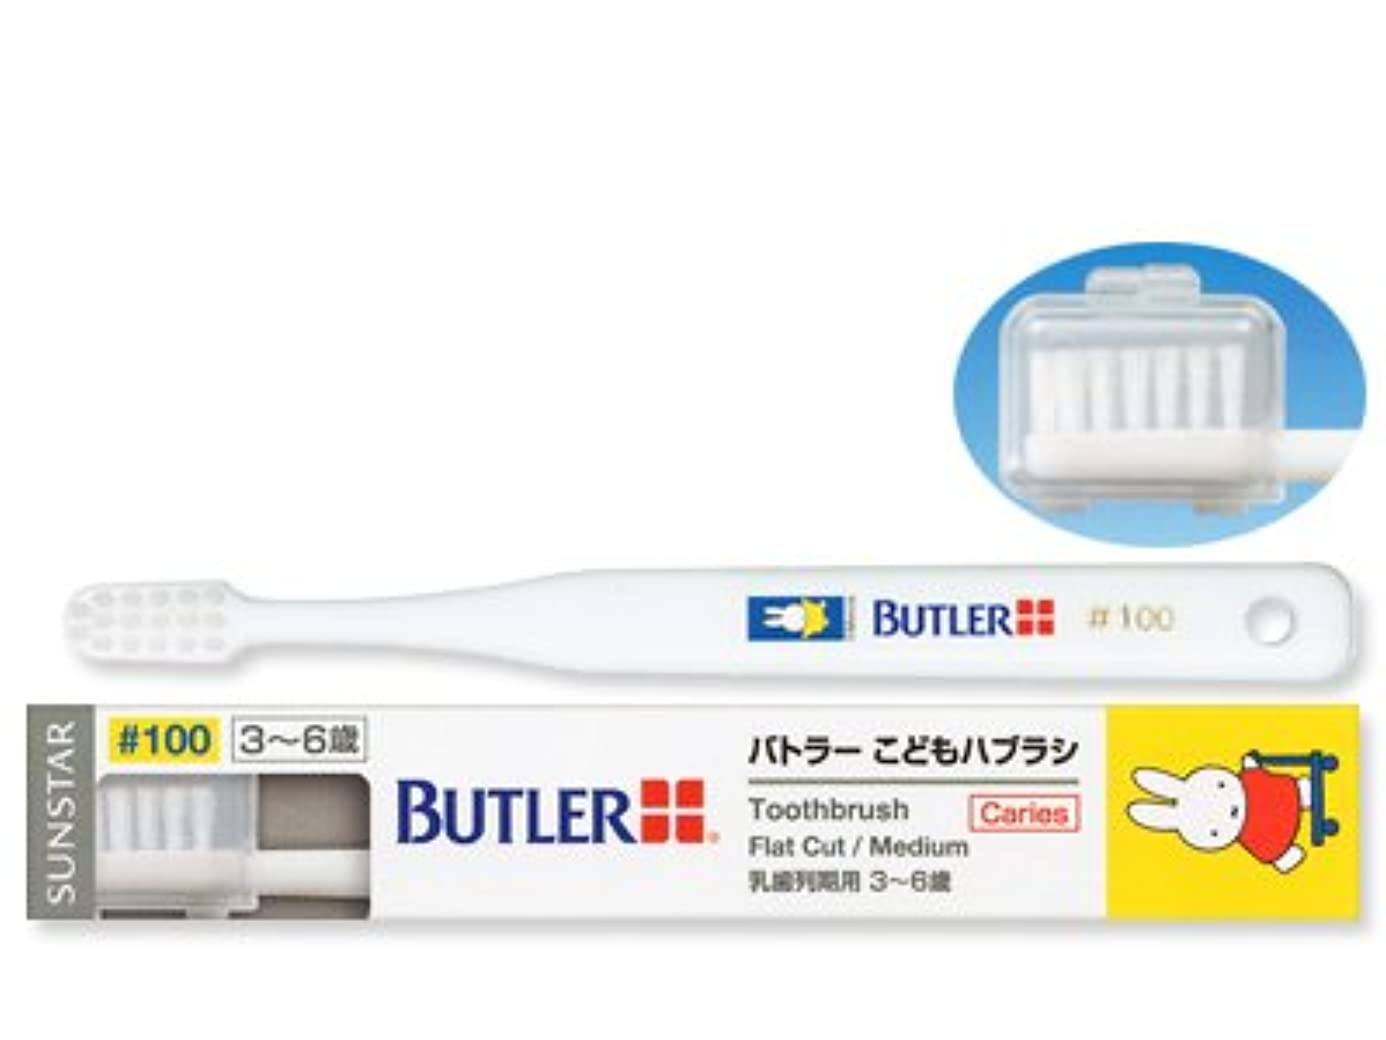 【歯科医院取扱品】バトラー 子供歯ブラシ #100 歯ブラシキャップ付 (乳歯列期用/ふつう) (3-6歳) 12本入